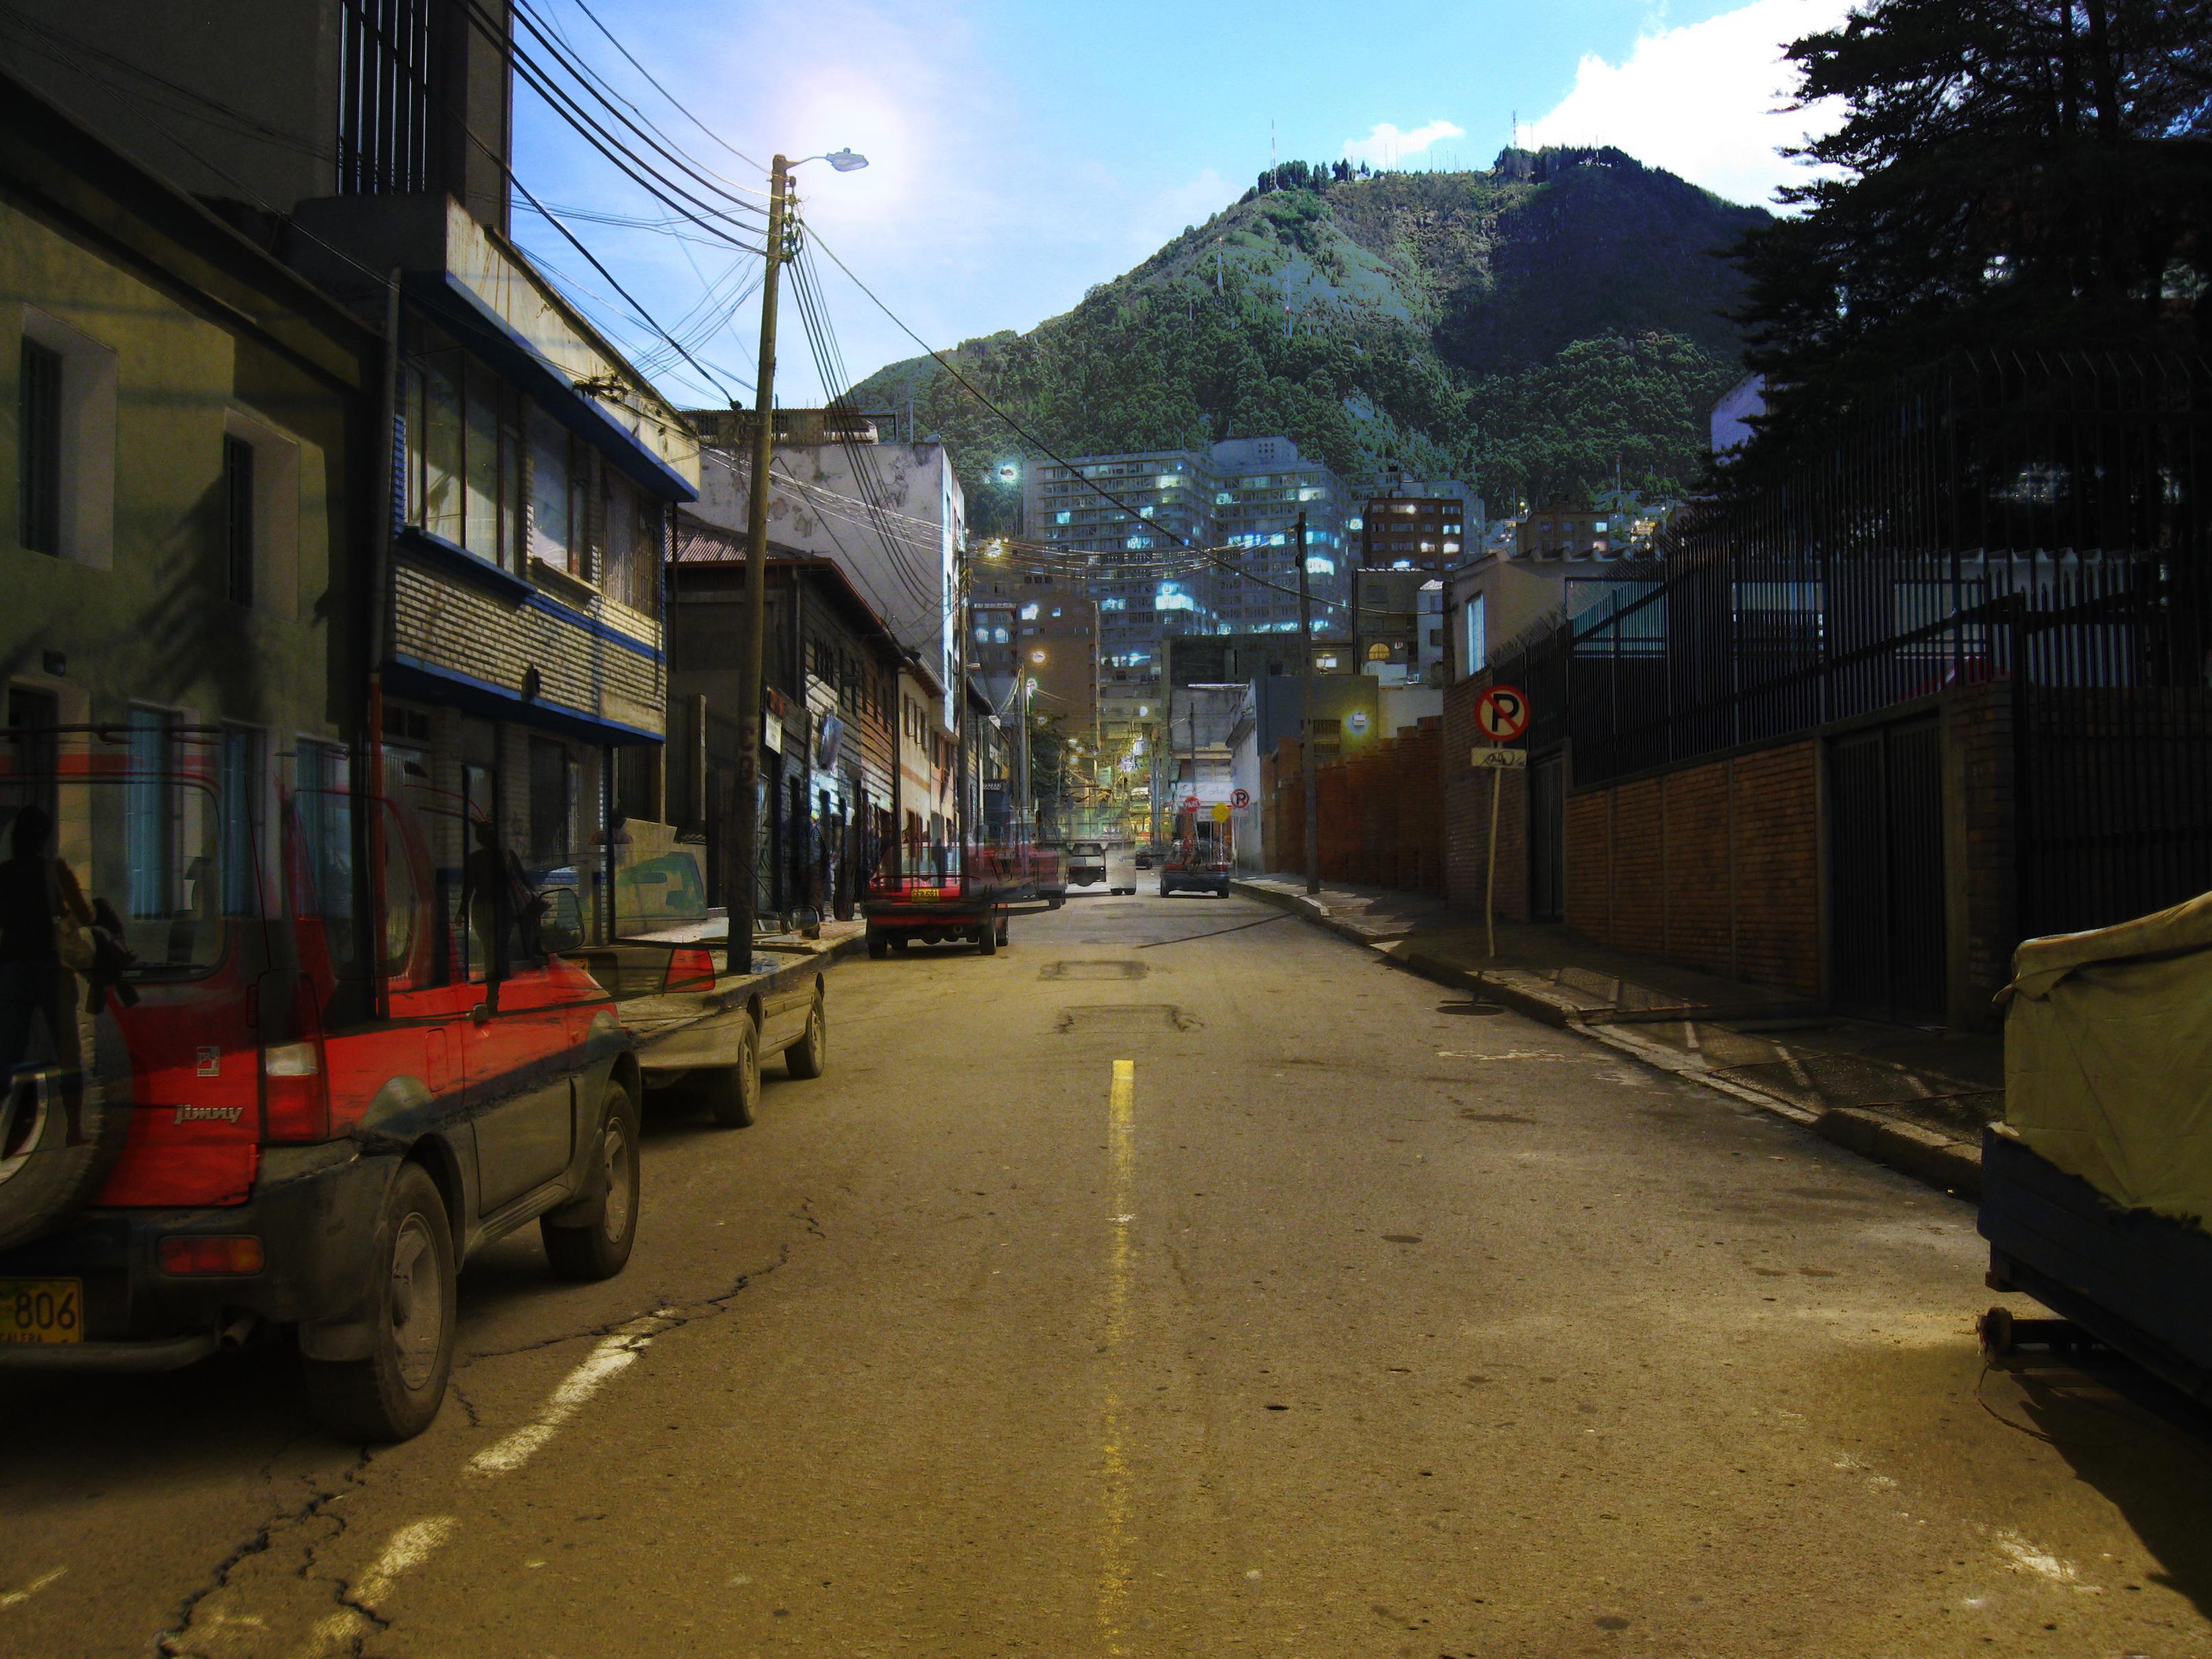 Proyecto Alguien / Algún Lugar. Fotografía. 2010.